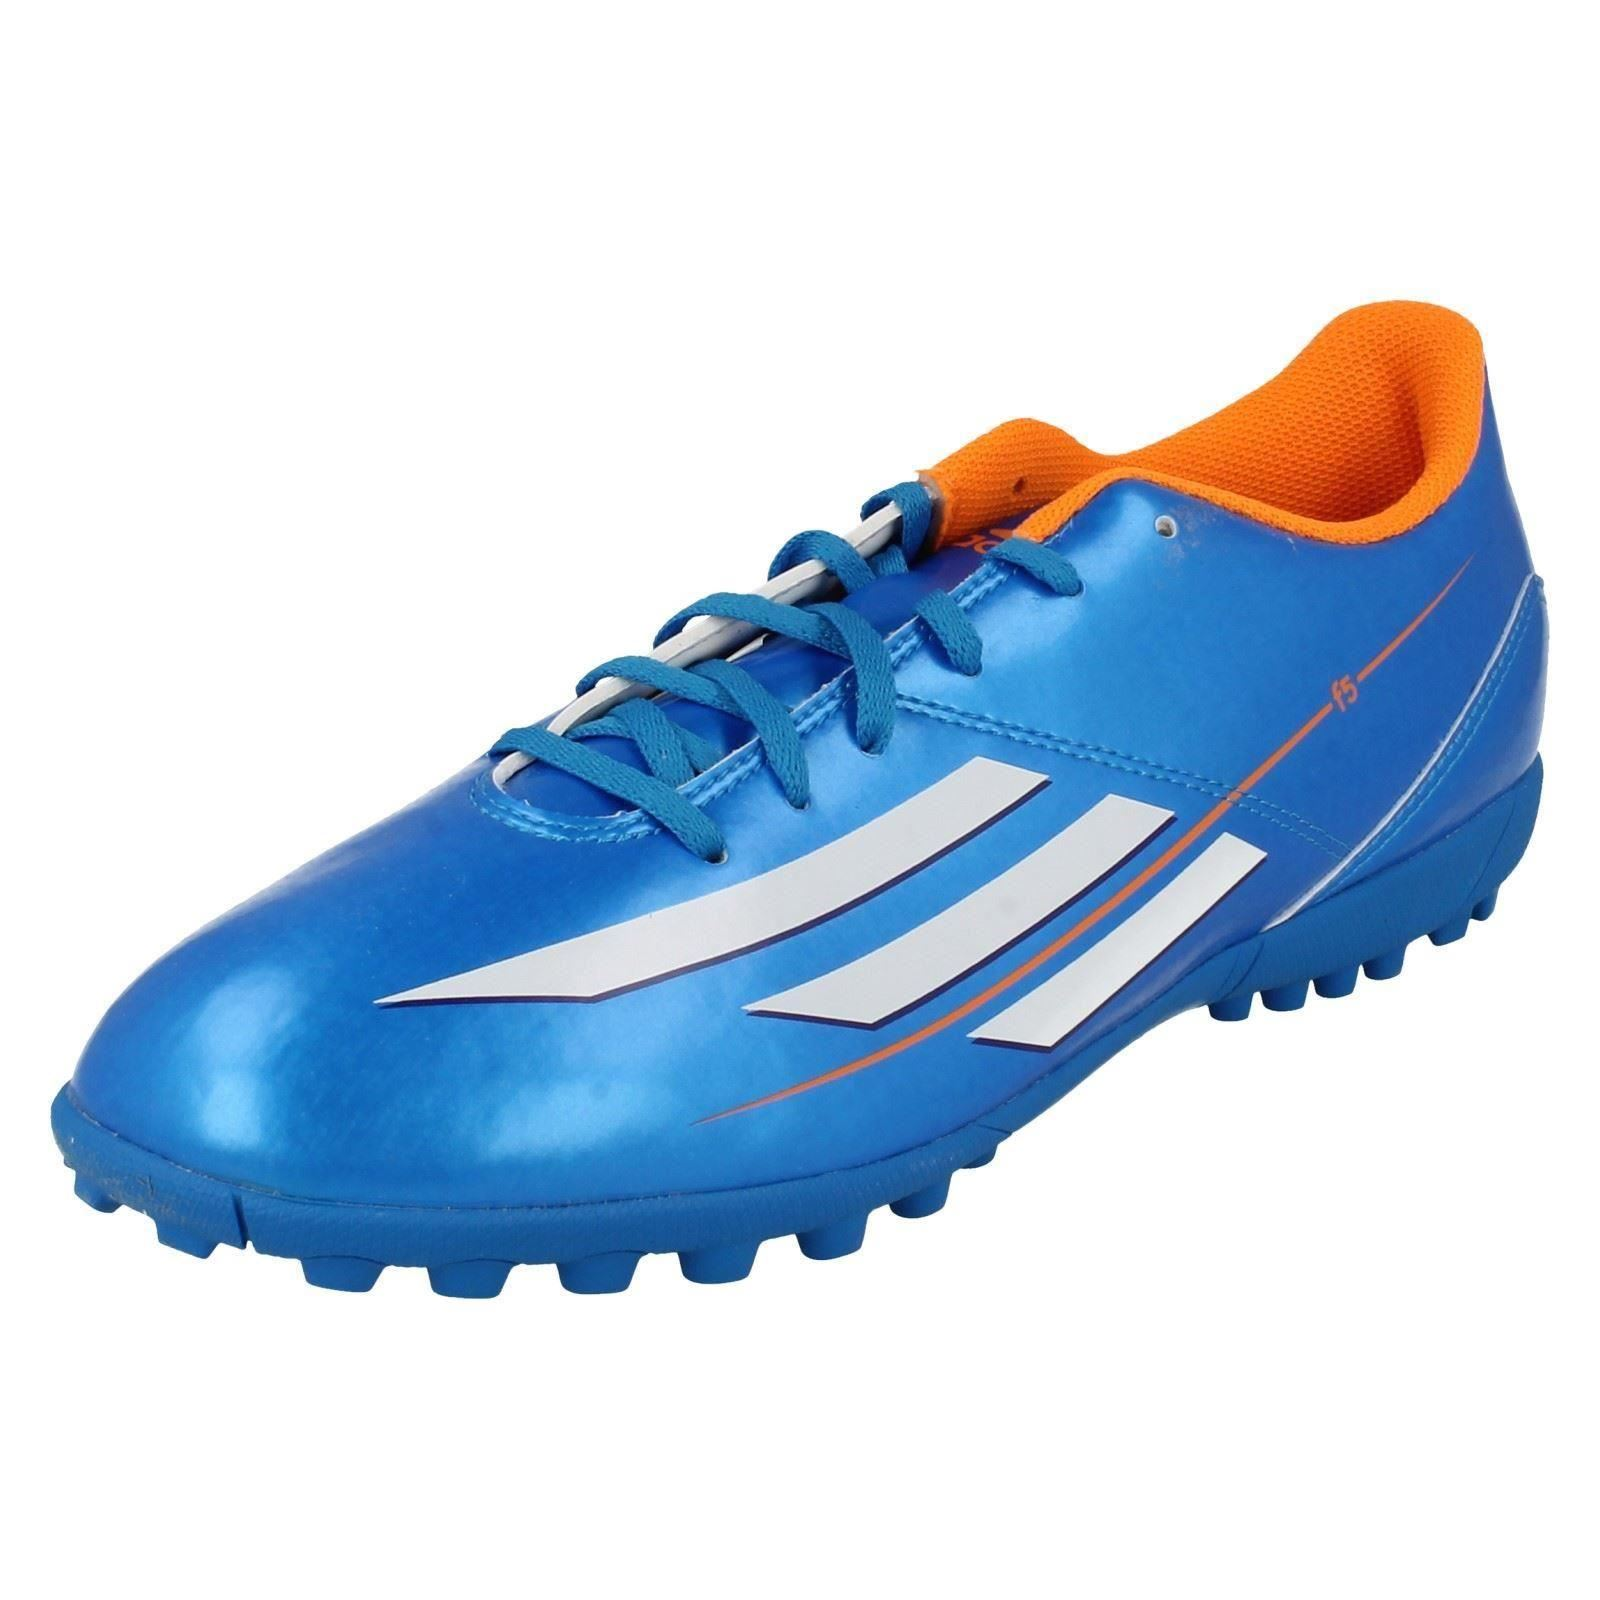 UOMO ADIDAS CALCIO/Calcio scarpe sportive F5 TRX TF